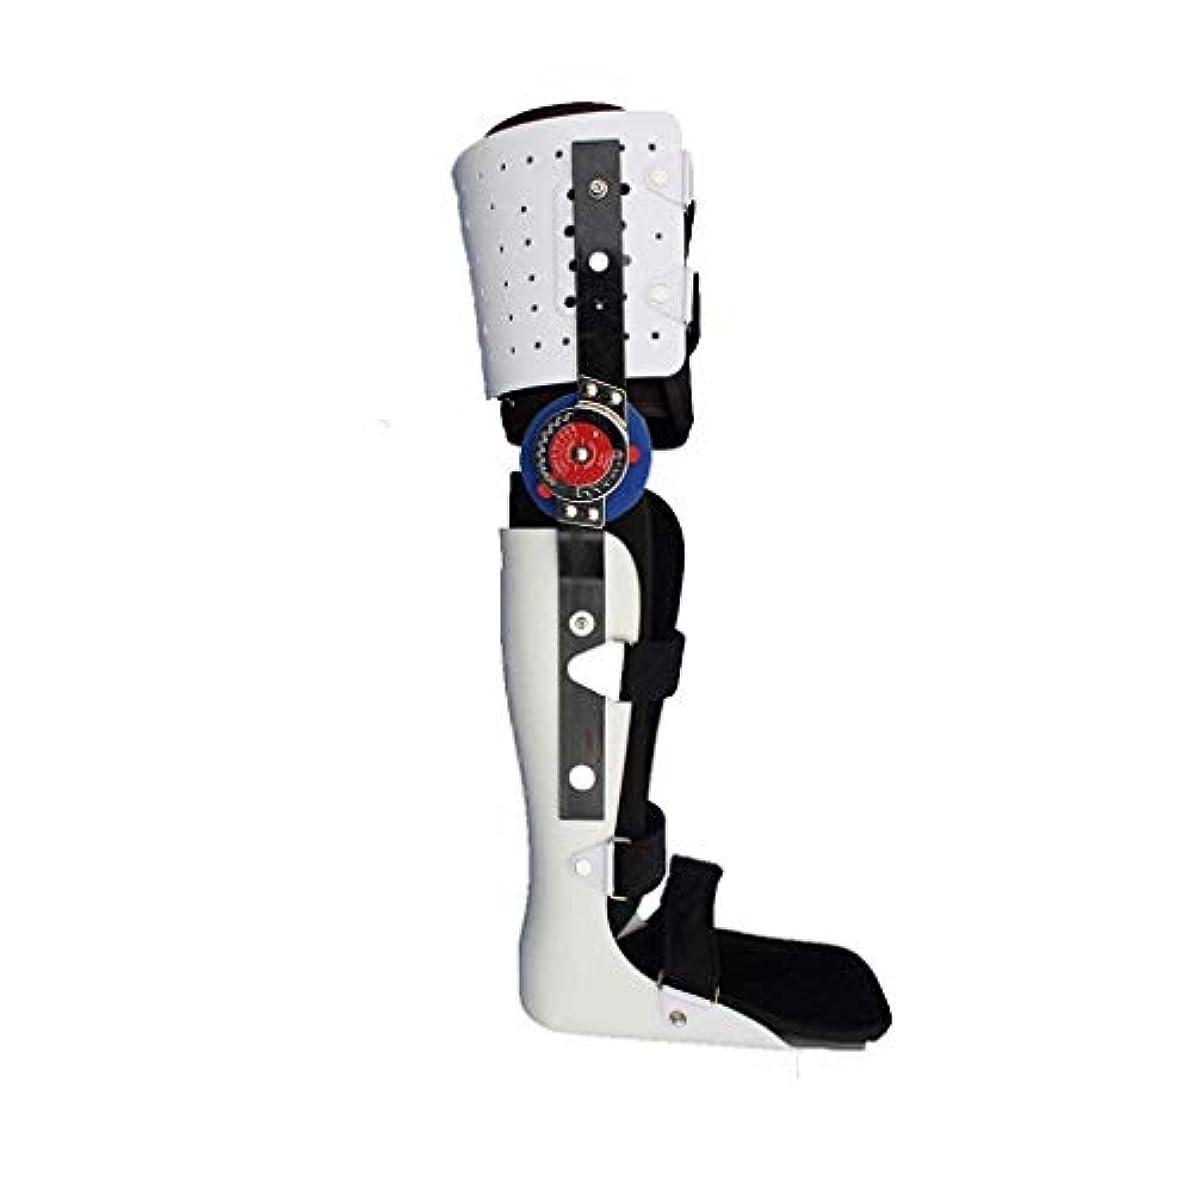 社員荒涼とした統計下肢装具、ブレースウォーキング膝や足固定ブレース膝関節足首足Spportと下肢装具のサイズ(S/M/L) (Size : L)